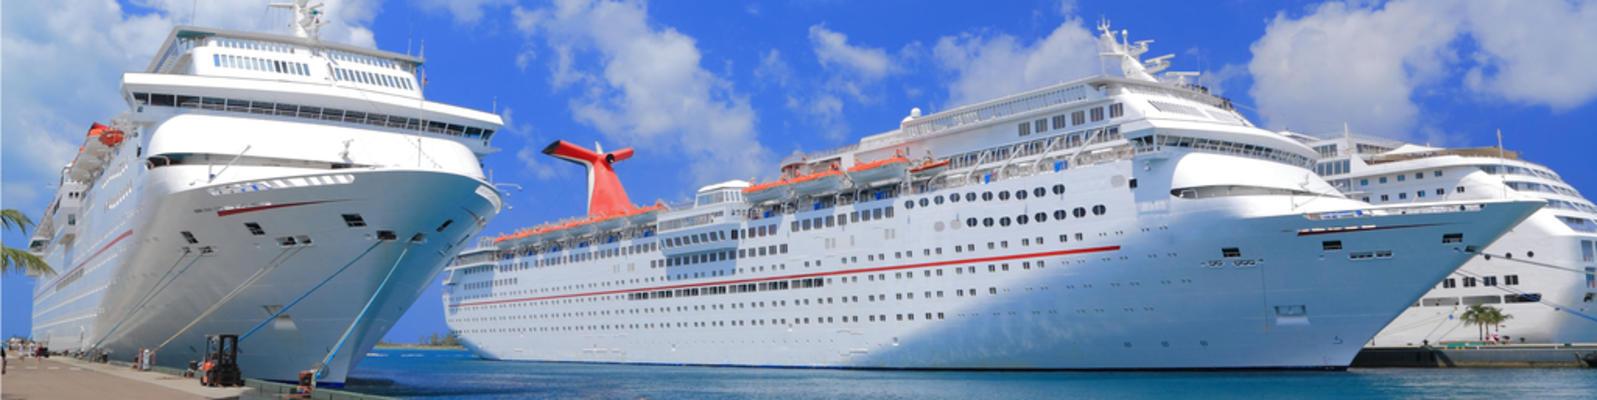 Best cruises for single seniors